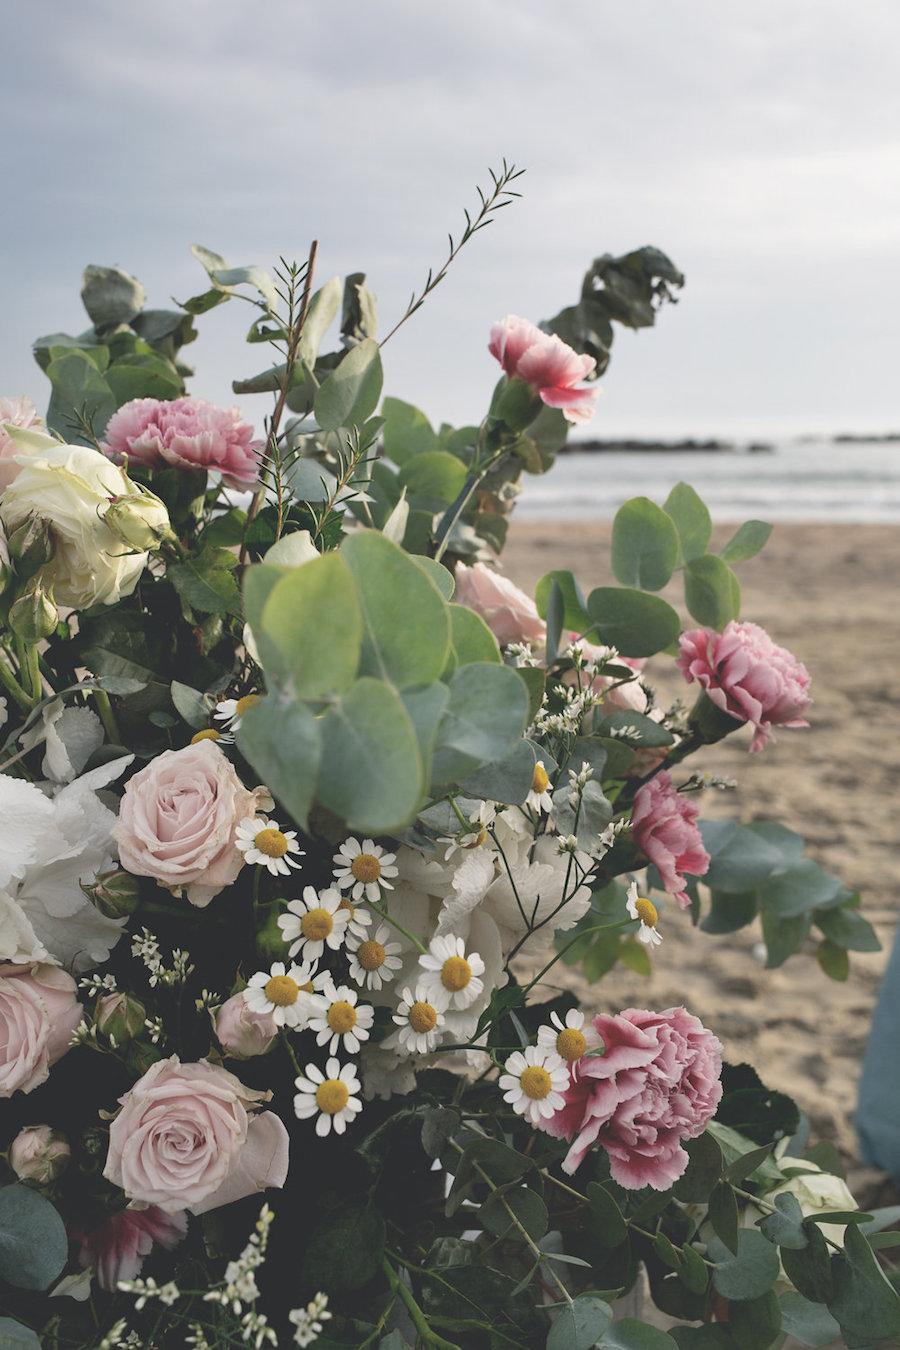 composizione floreale con rose, garofani e camomilla